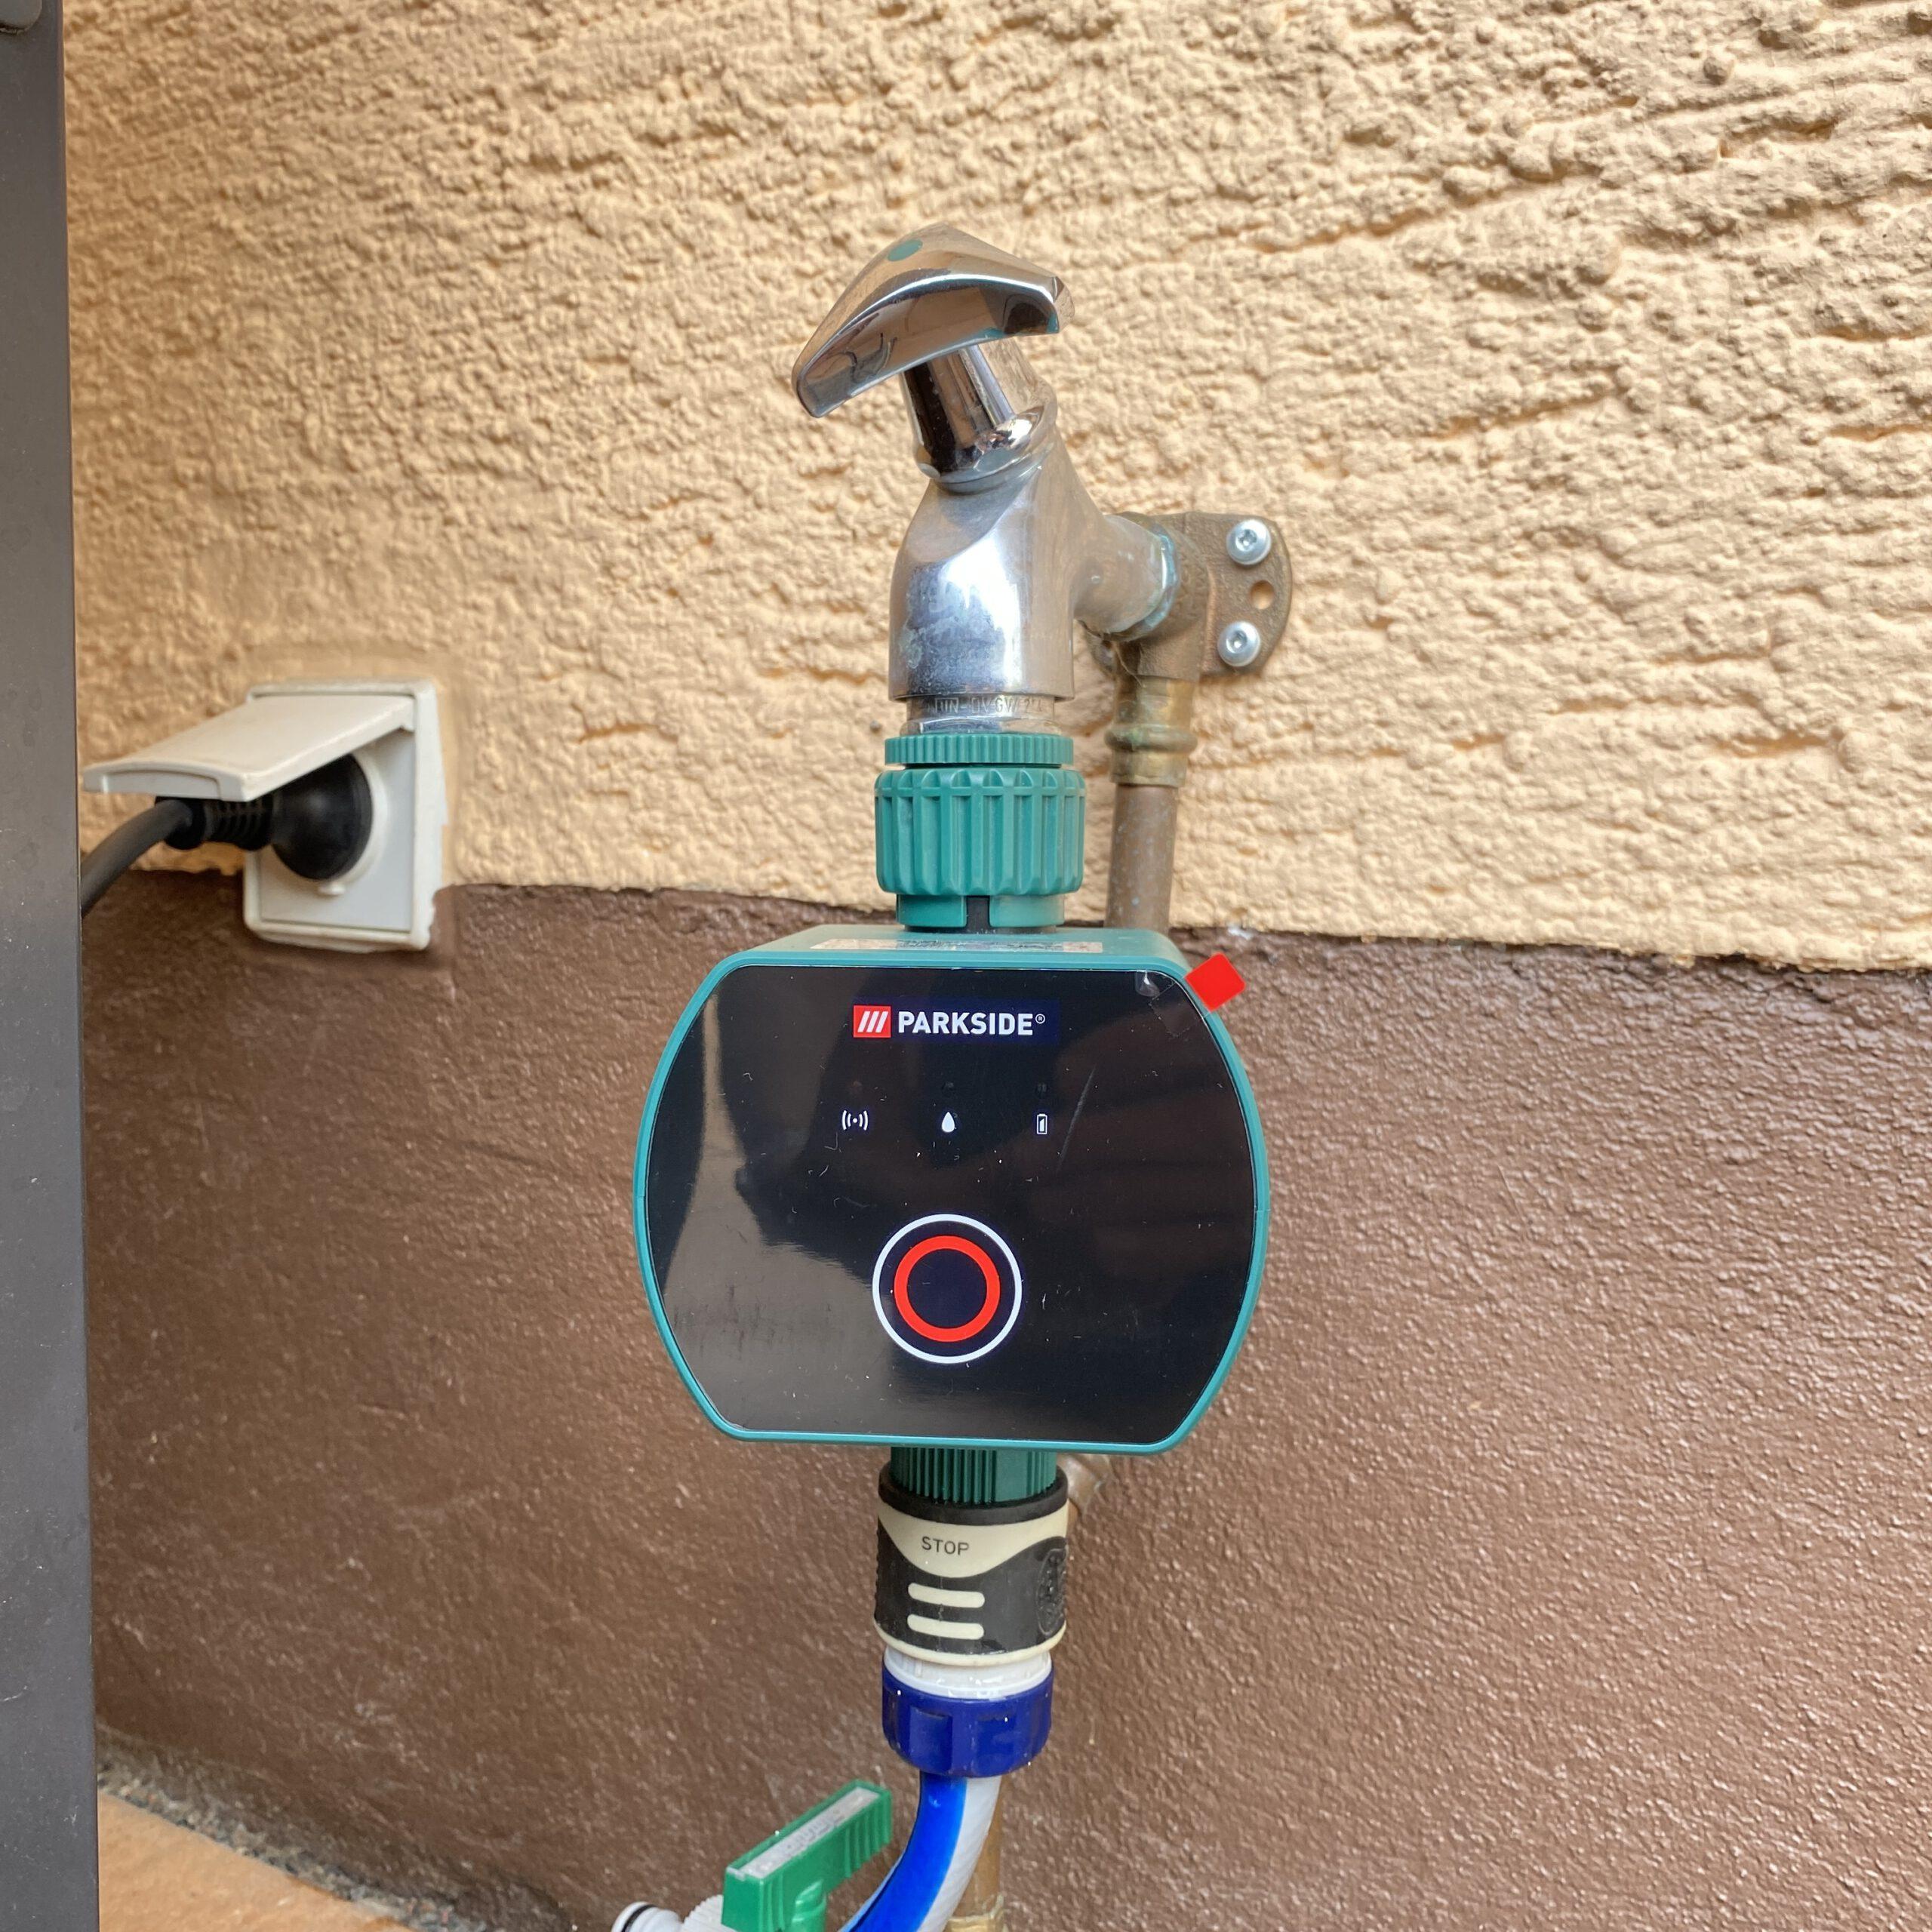 Anschluss des LIDL Parkside Bewässerungscomputers an den Wasserhahn per Überwurfmutter.